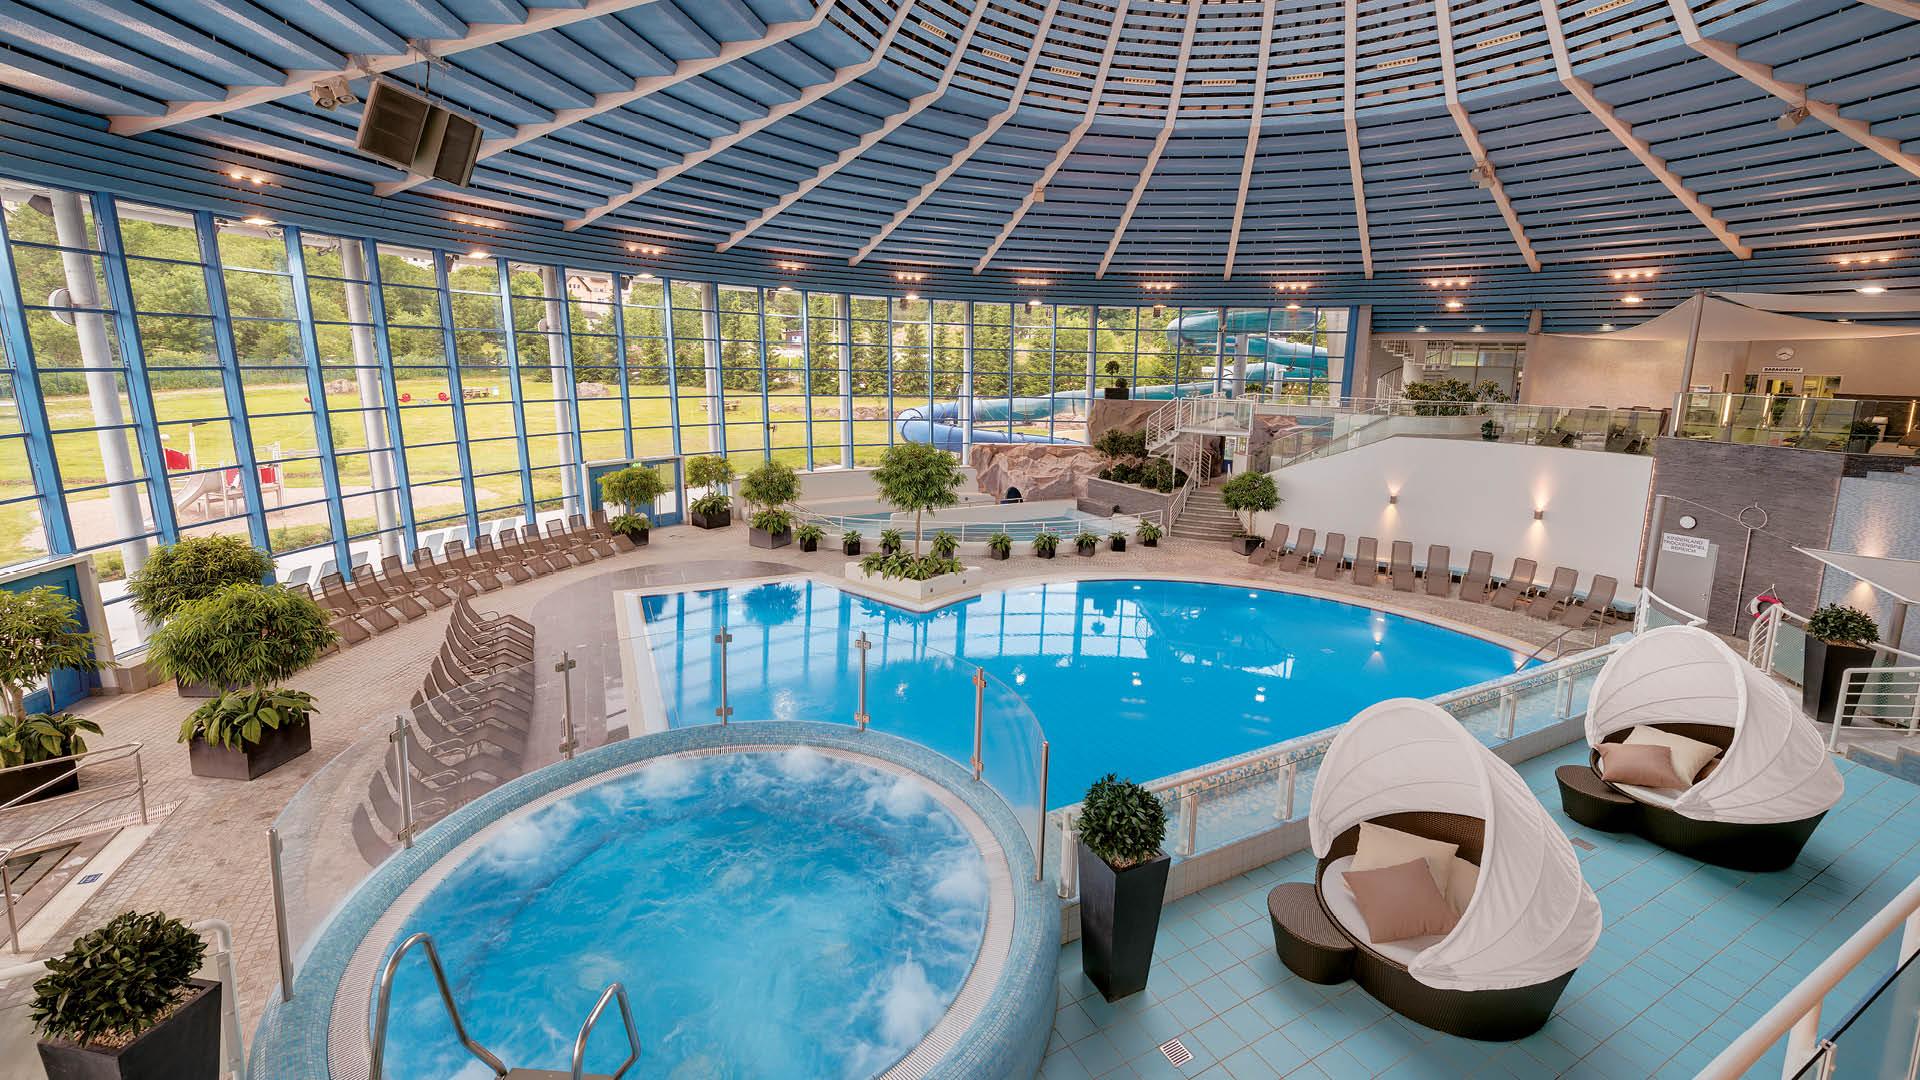 H2Oberhof Wellnessbad, Schwimmbadbereich | © Oberhof Information